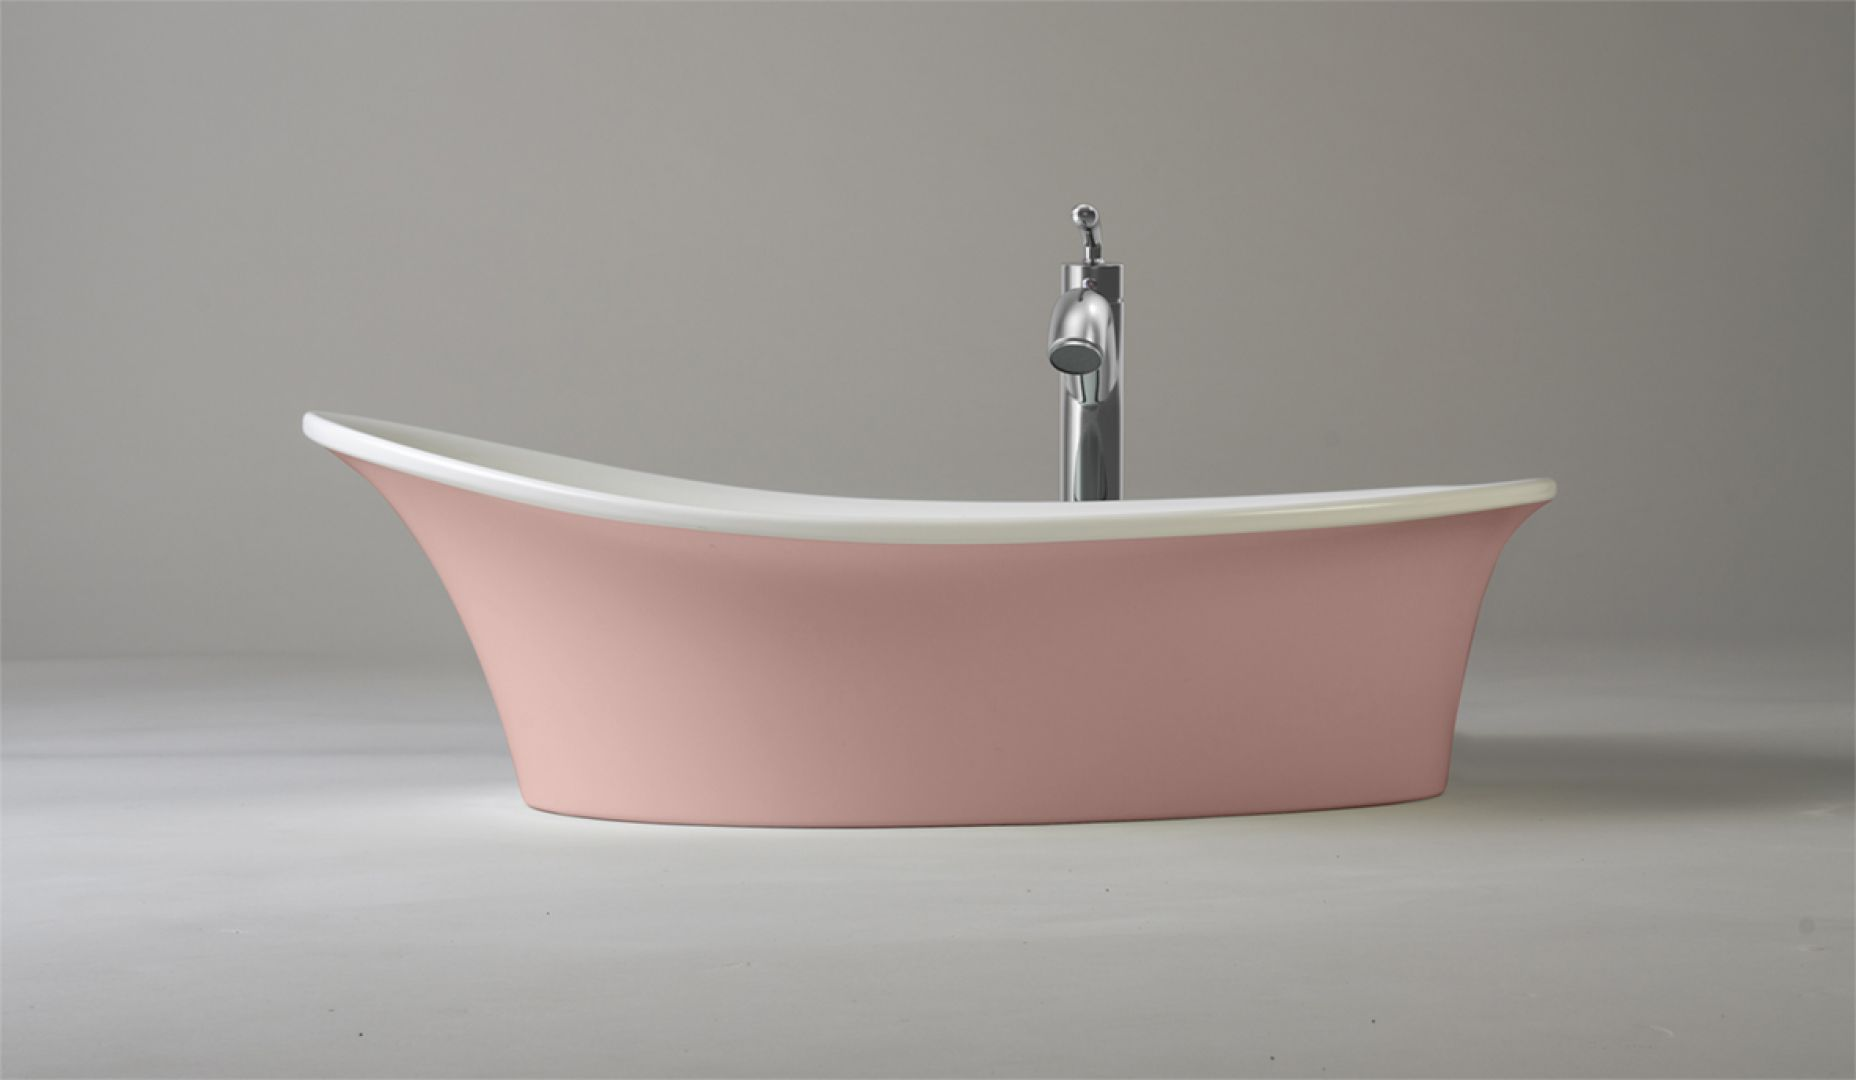 Umywalka nablatowa Ravon Euphoria/Ravon. Produkt zgłoszony do konkursu Dobry Design 2020.